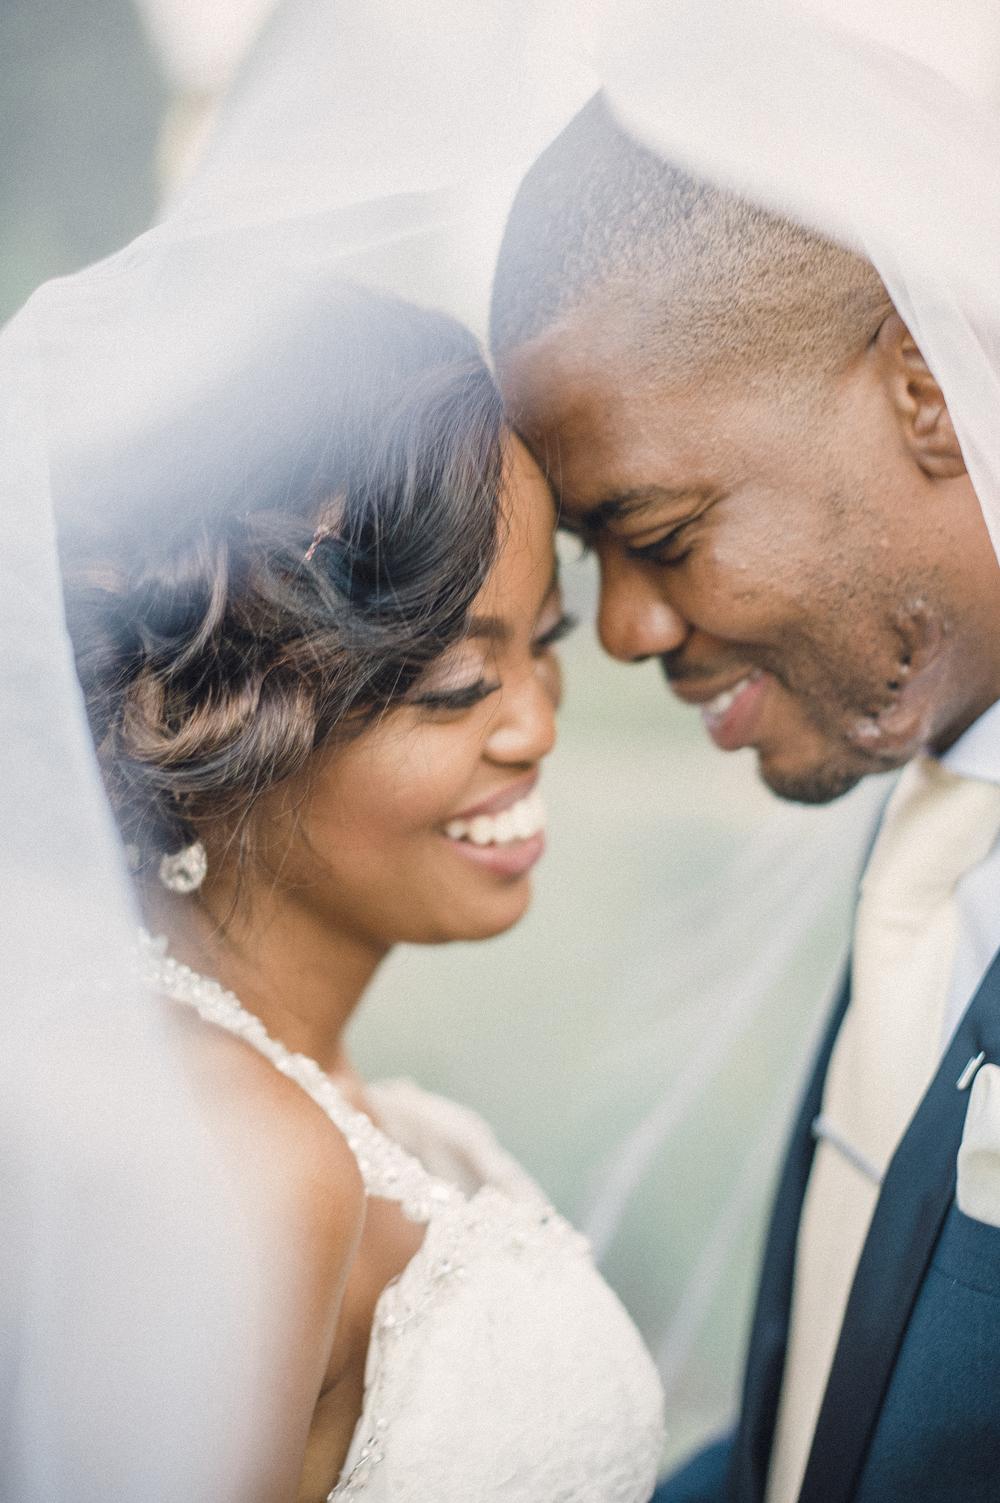 RyanParker_WeddingPhotographer_FineArt_CapeTown_Johannesburg_Hermanus_Avianto_T&L_DSC_9334.jpg